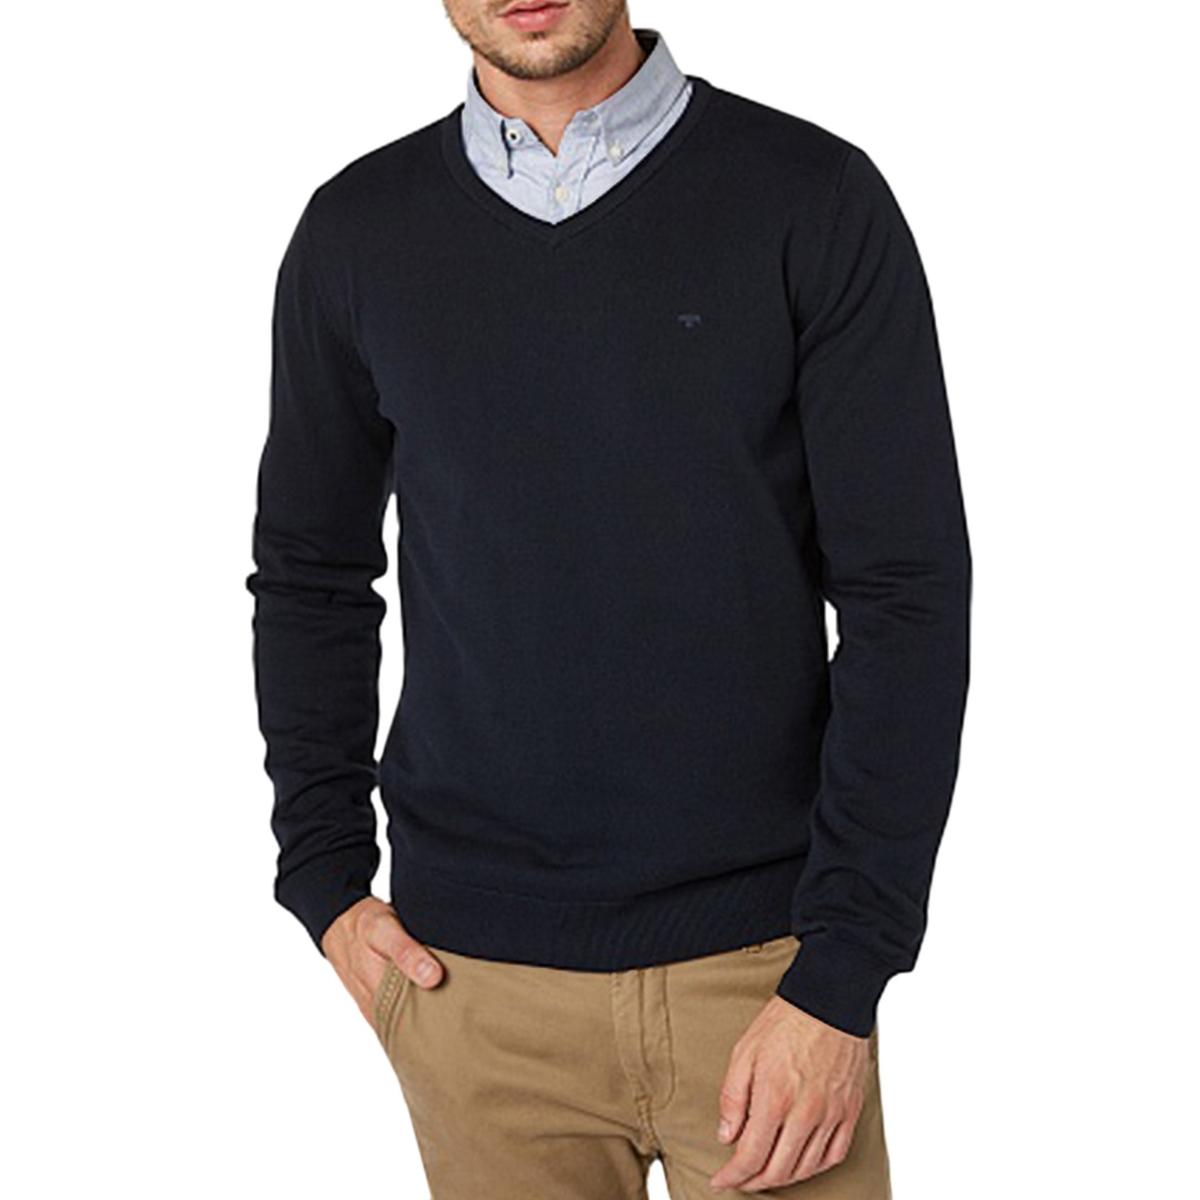 Пуловер с V-образным вырезом из тонкого хлопкового трикотажа